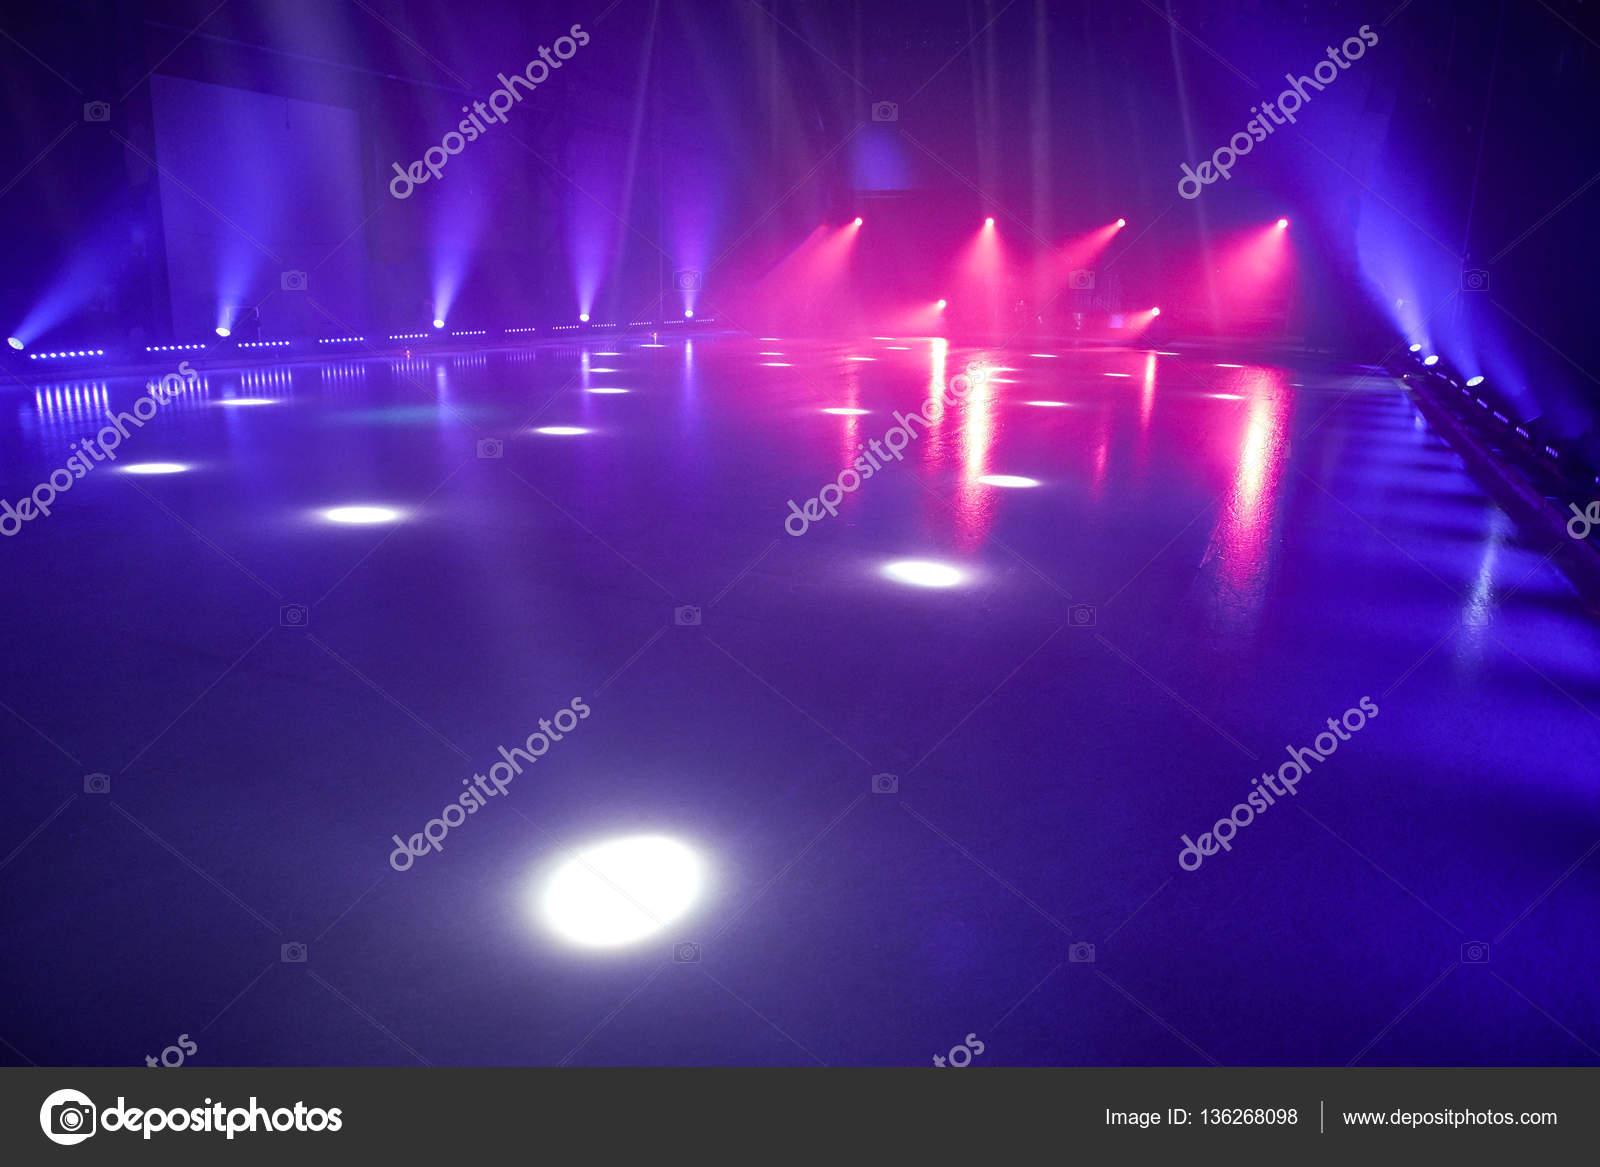 ijsvloer met podium verlichting voor ijs dansen — Stockfoto ...